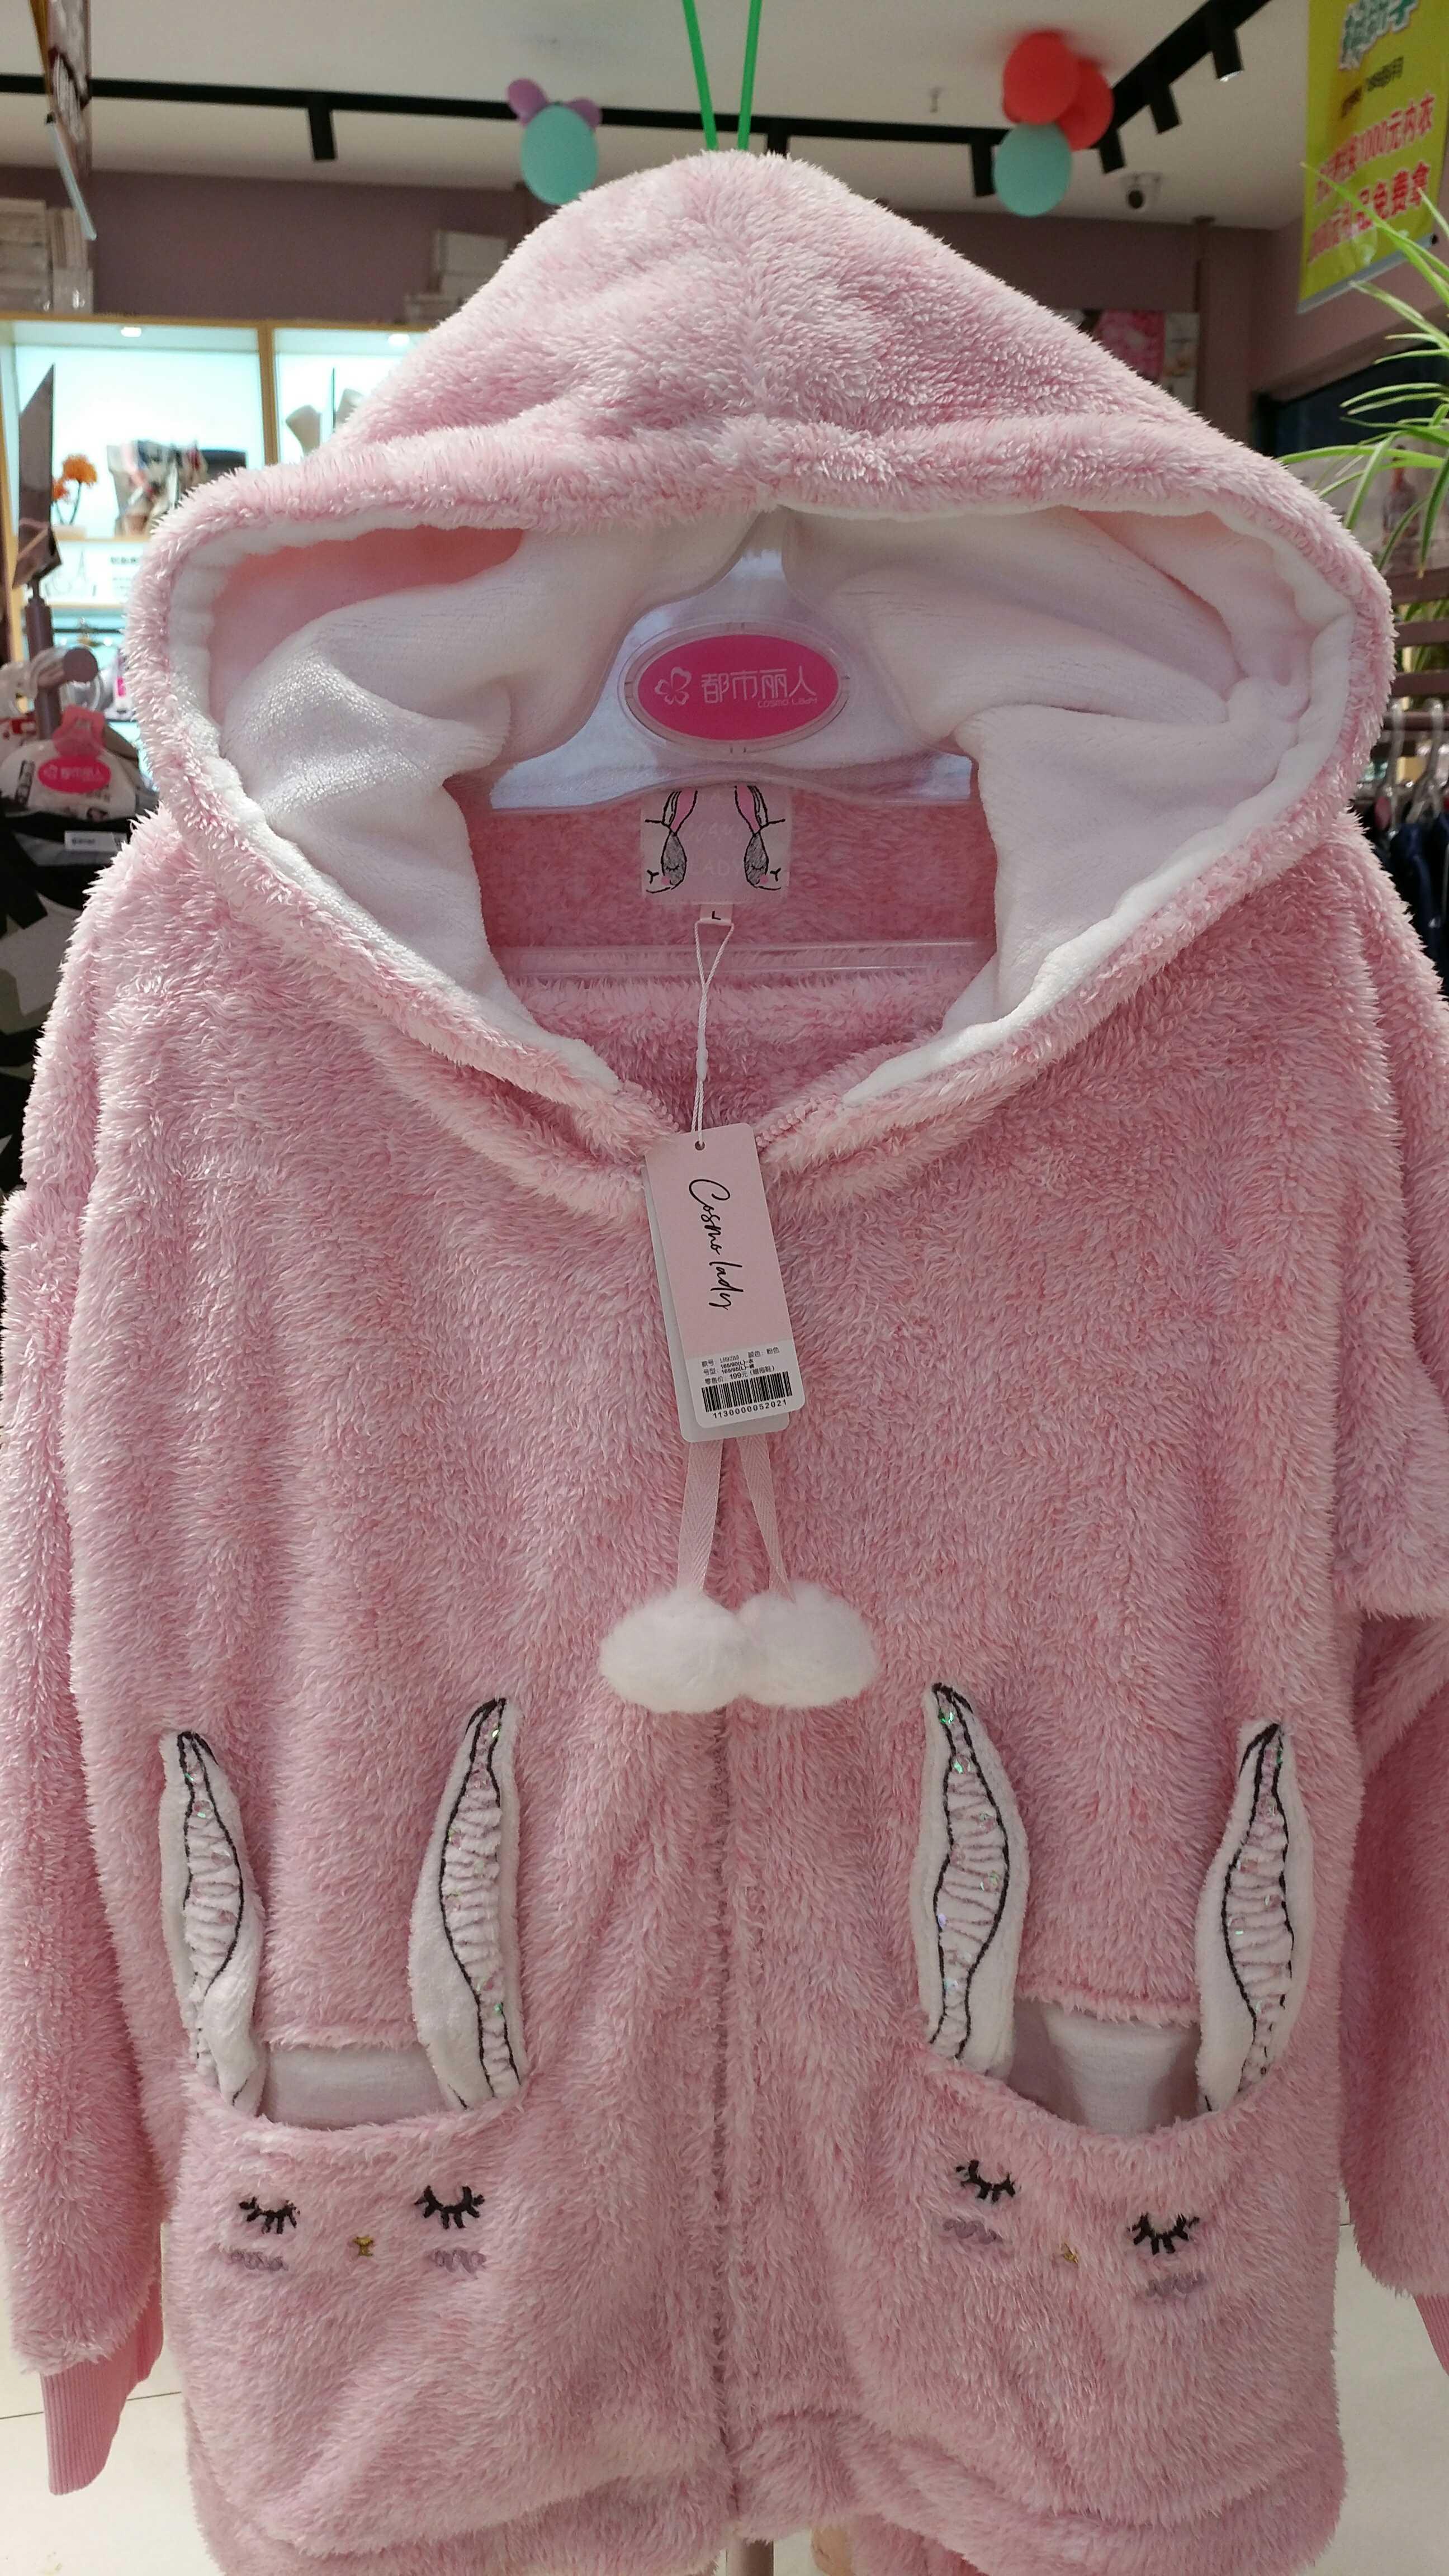 都市丽人新款LH92B9长毛绒柔软舒适哒兔系列带帽子套装睡衣家居服